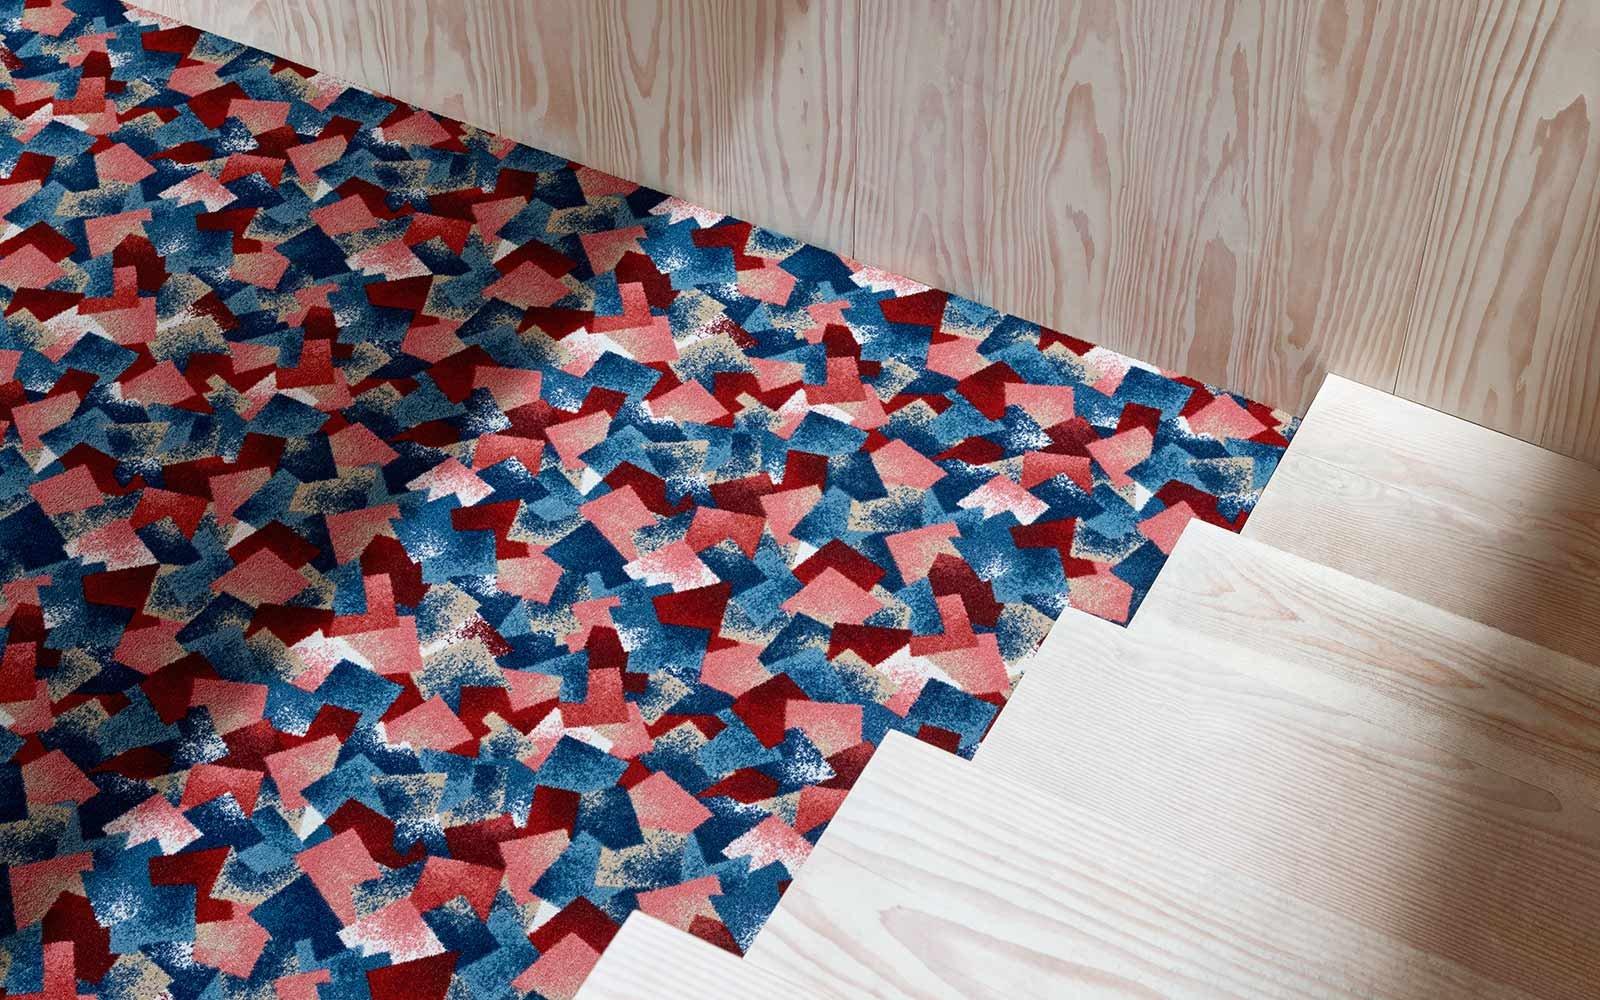 Teppichboden inspiriert vom Himmel, Ziegelwände und Holz